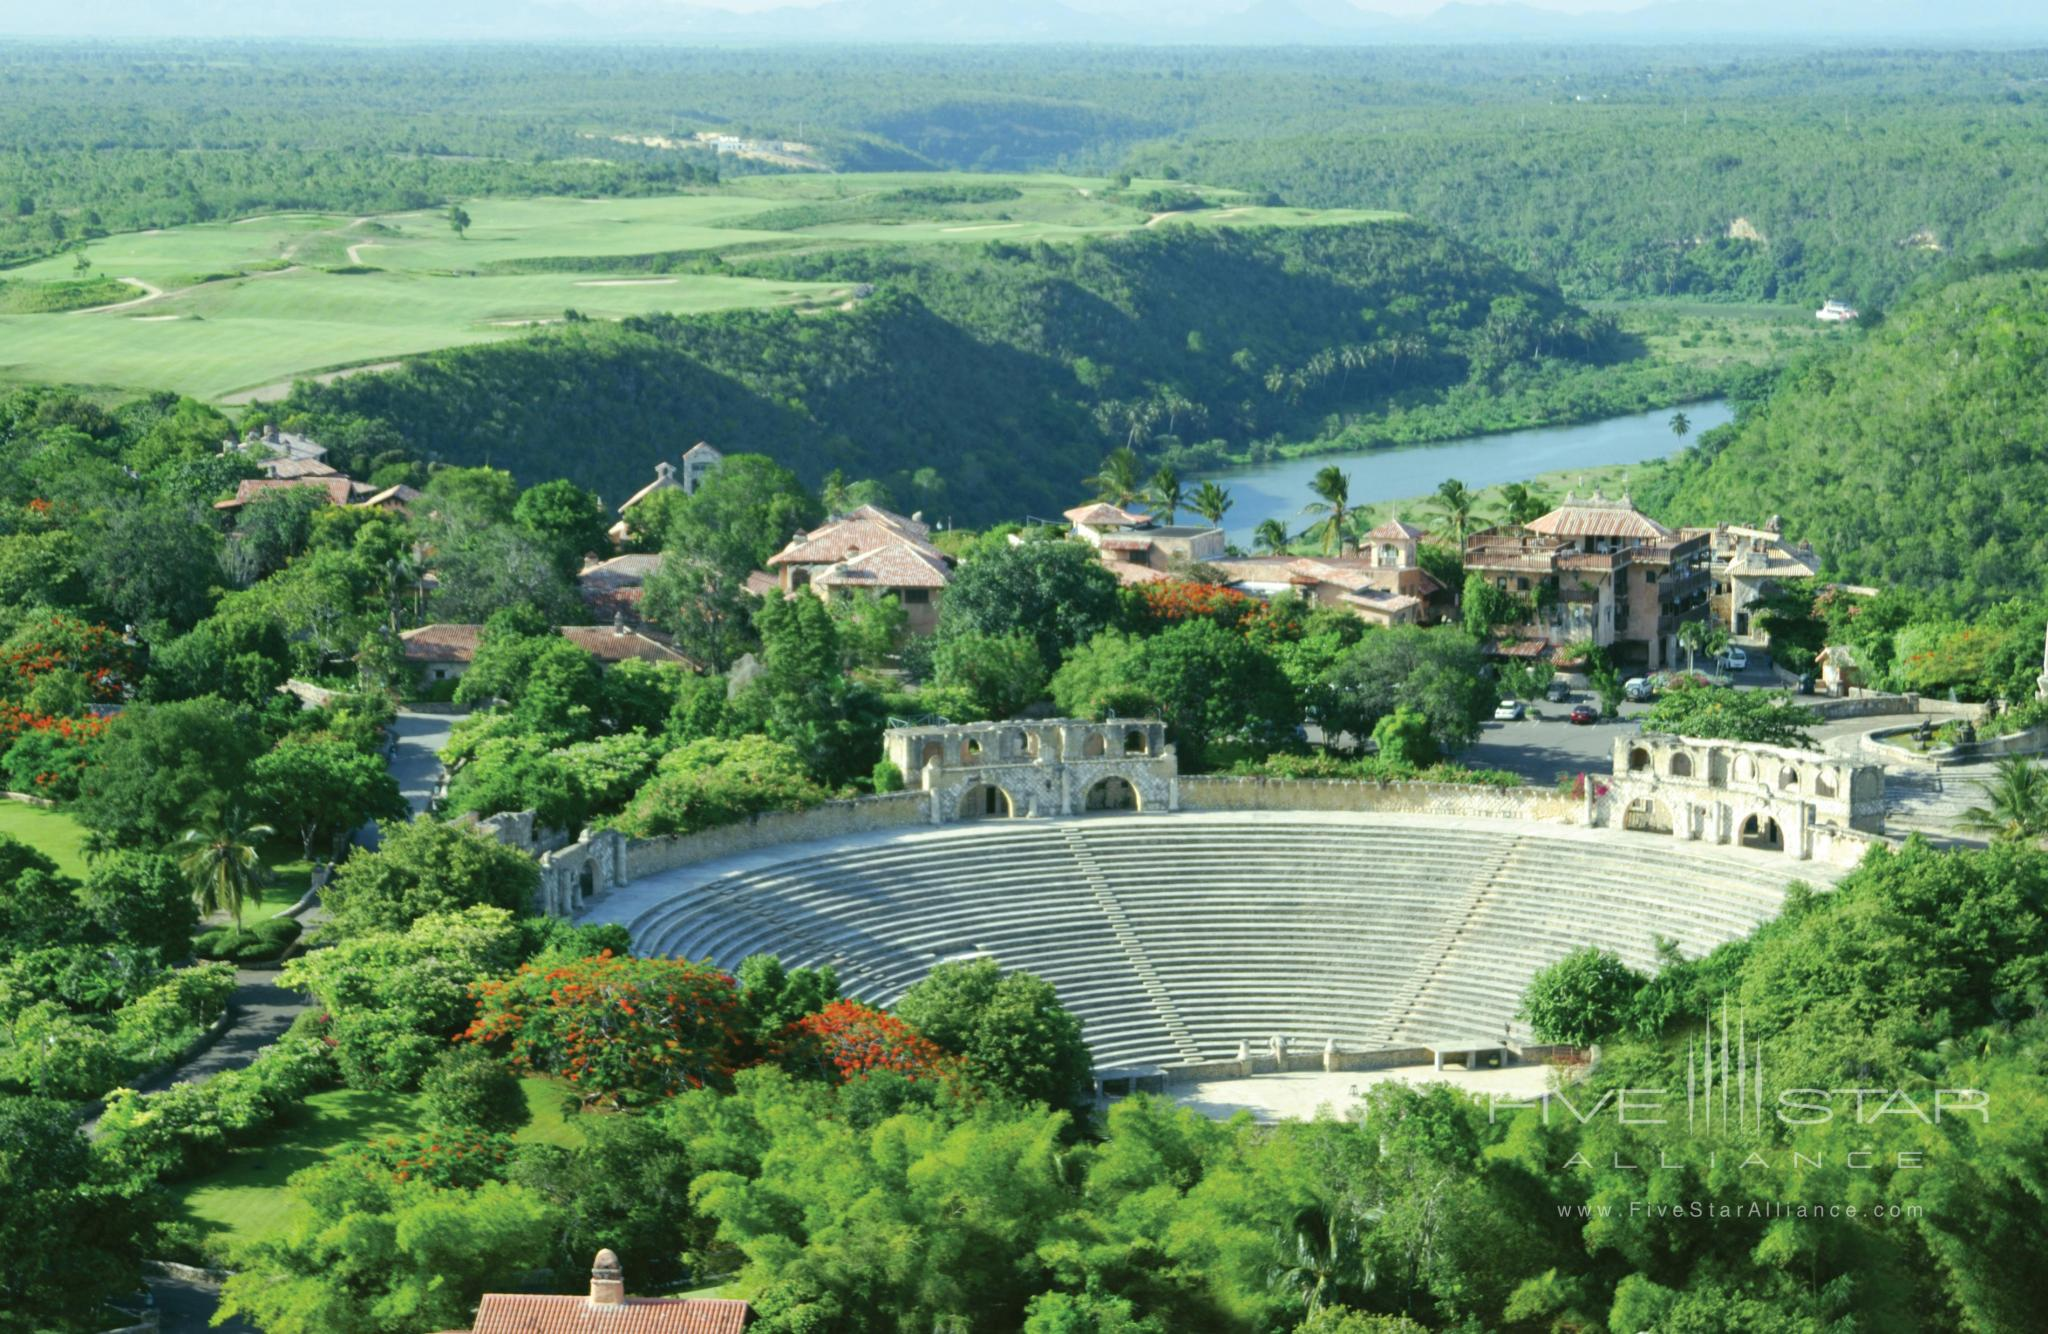 Amphitheater of Altos de Chavon next to Casa de Campo